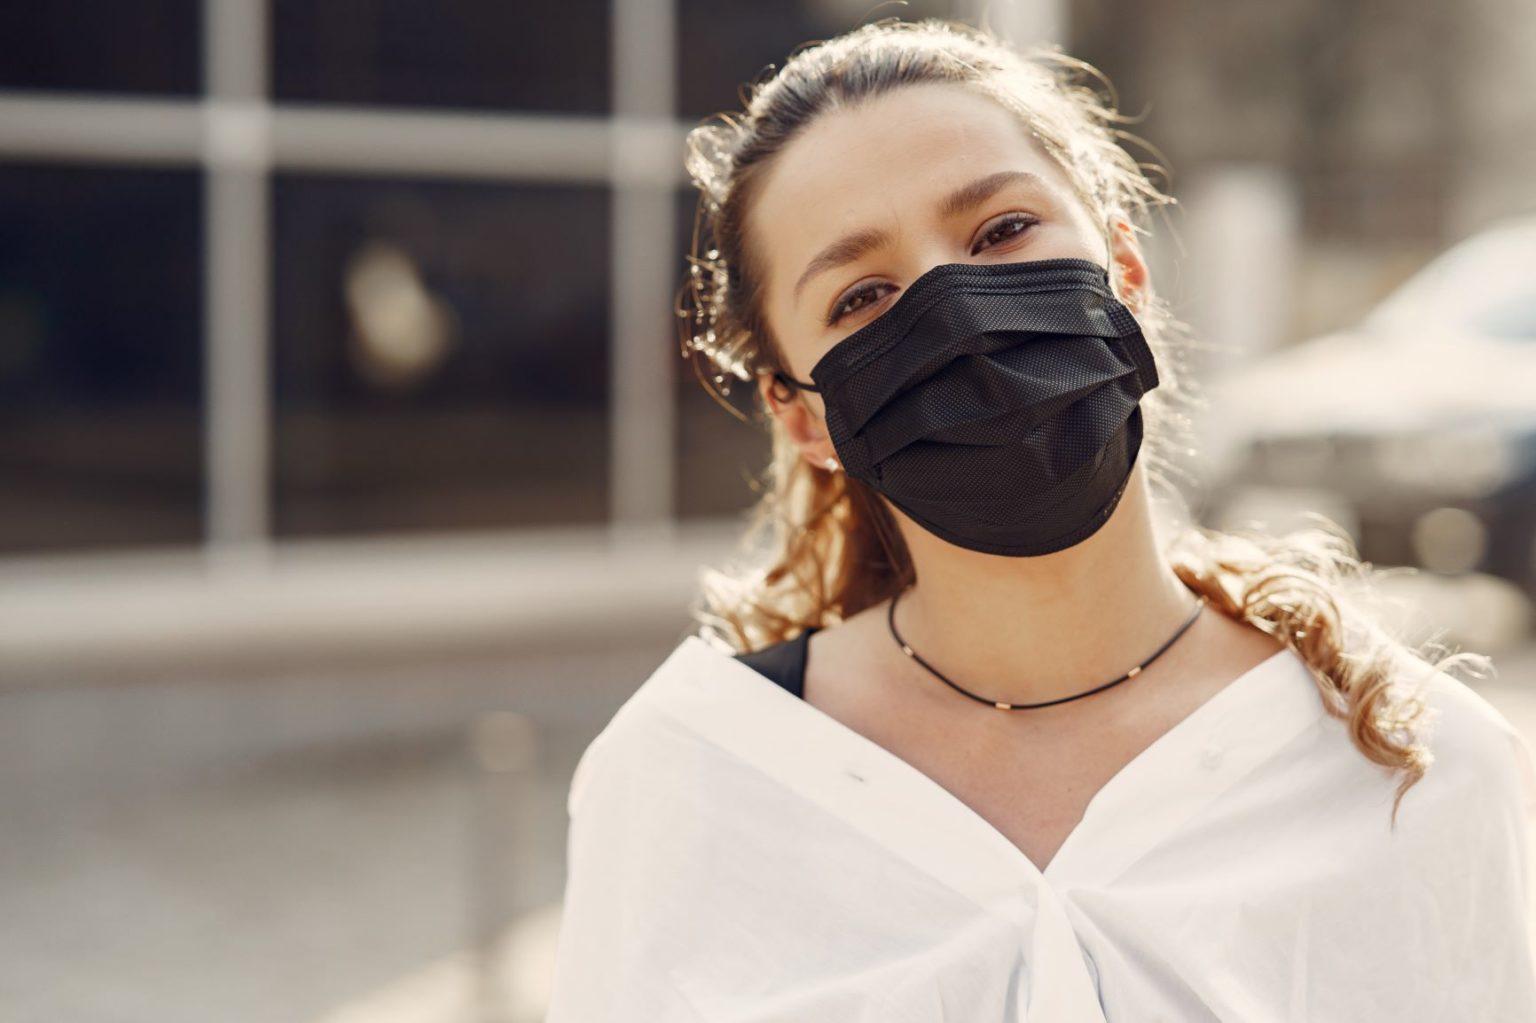 Cuidados e medidas preventivas na flexibilização da pandemia do novo Coronavírus